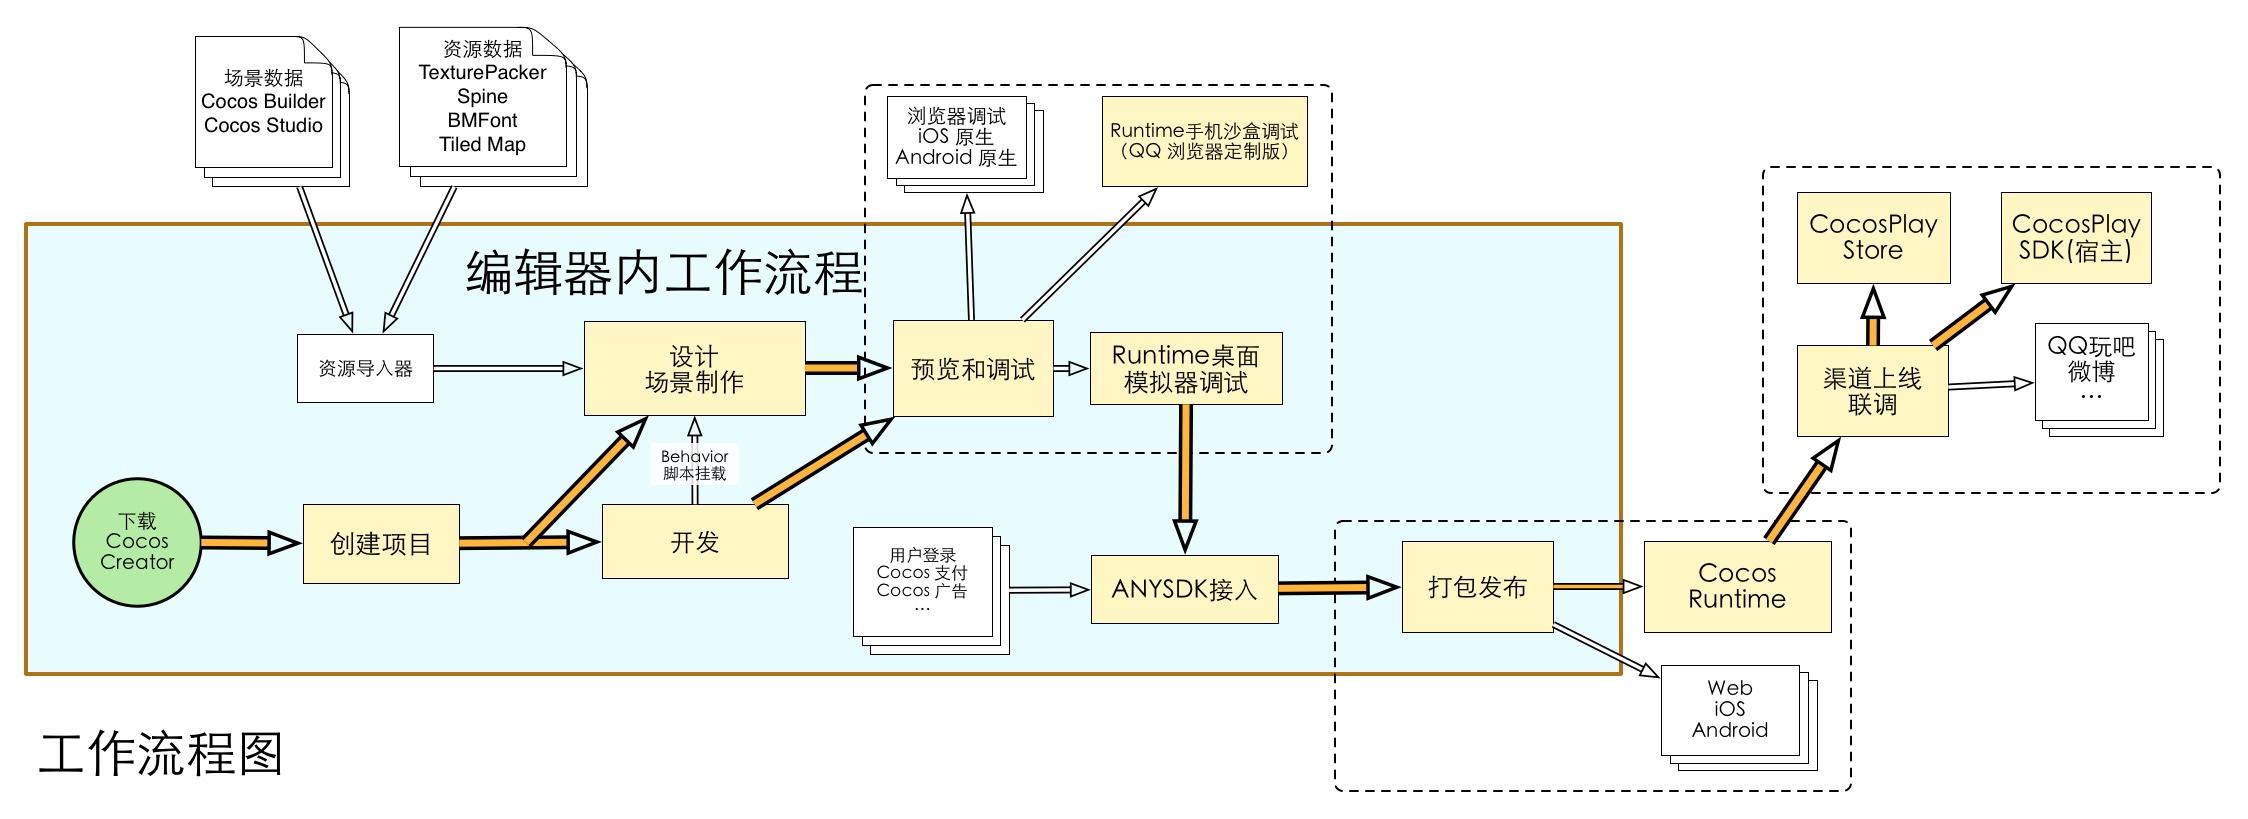 Cocos Creator workflow